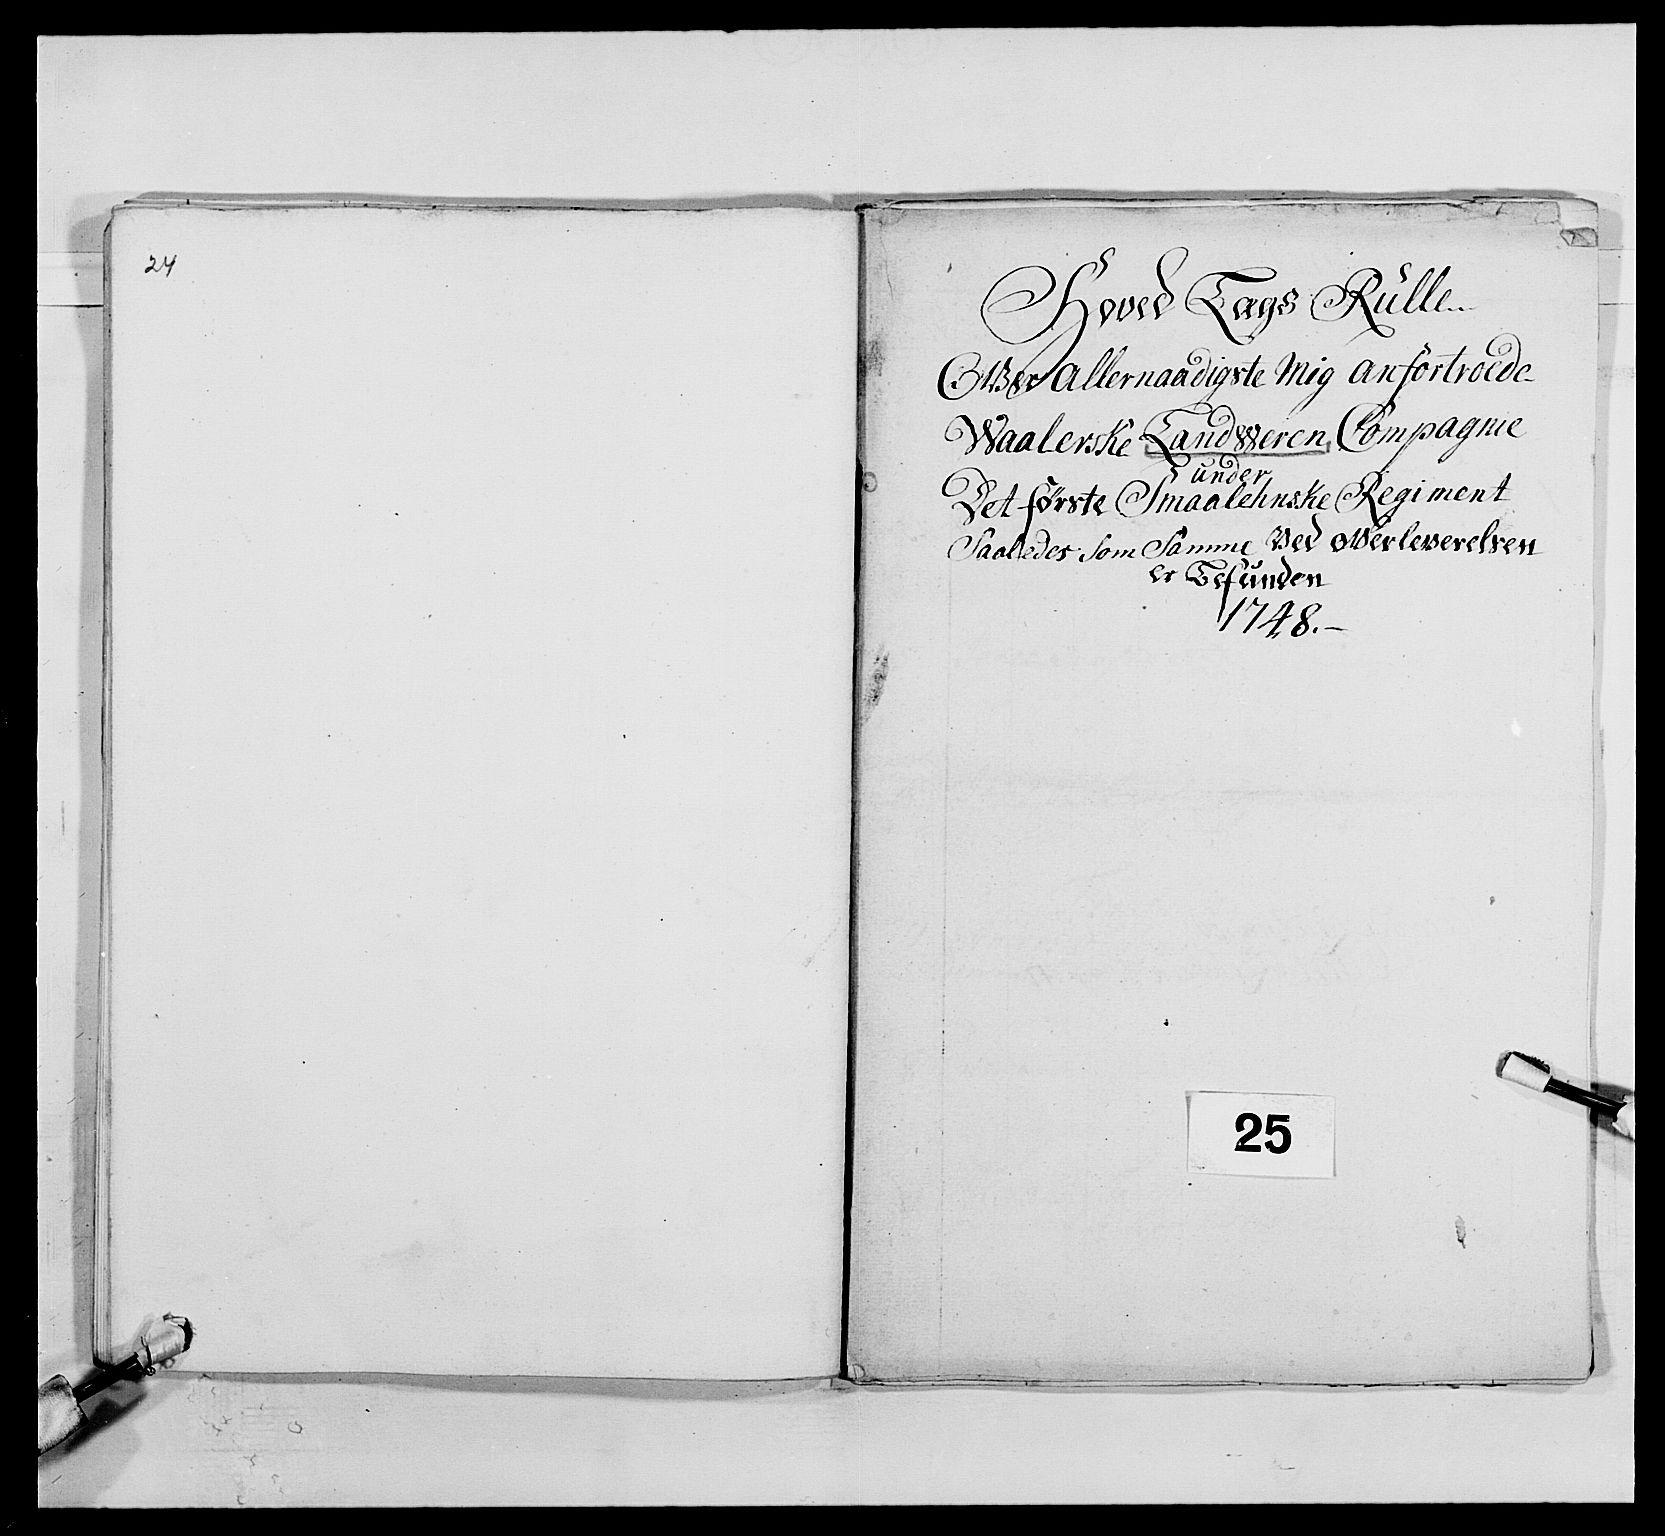 RA, Kommanderende general (KG I) med Det norske krigsdirektorium, E/Ea/L0495: 1. Smålenske regiment, 1732-1763, s. 369